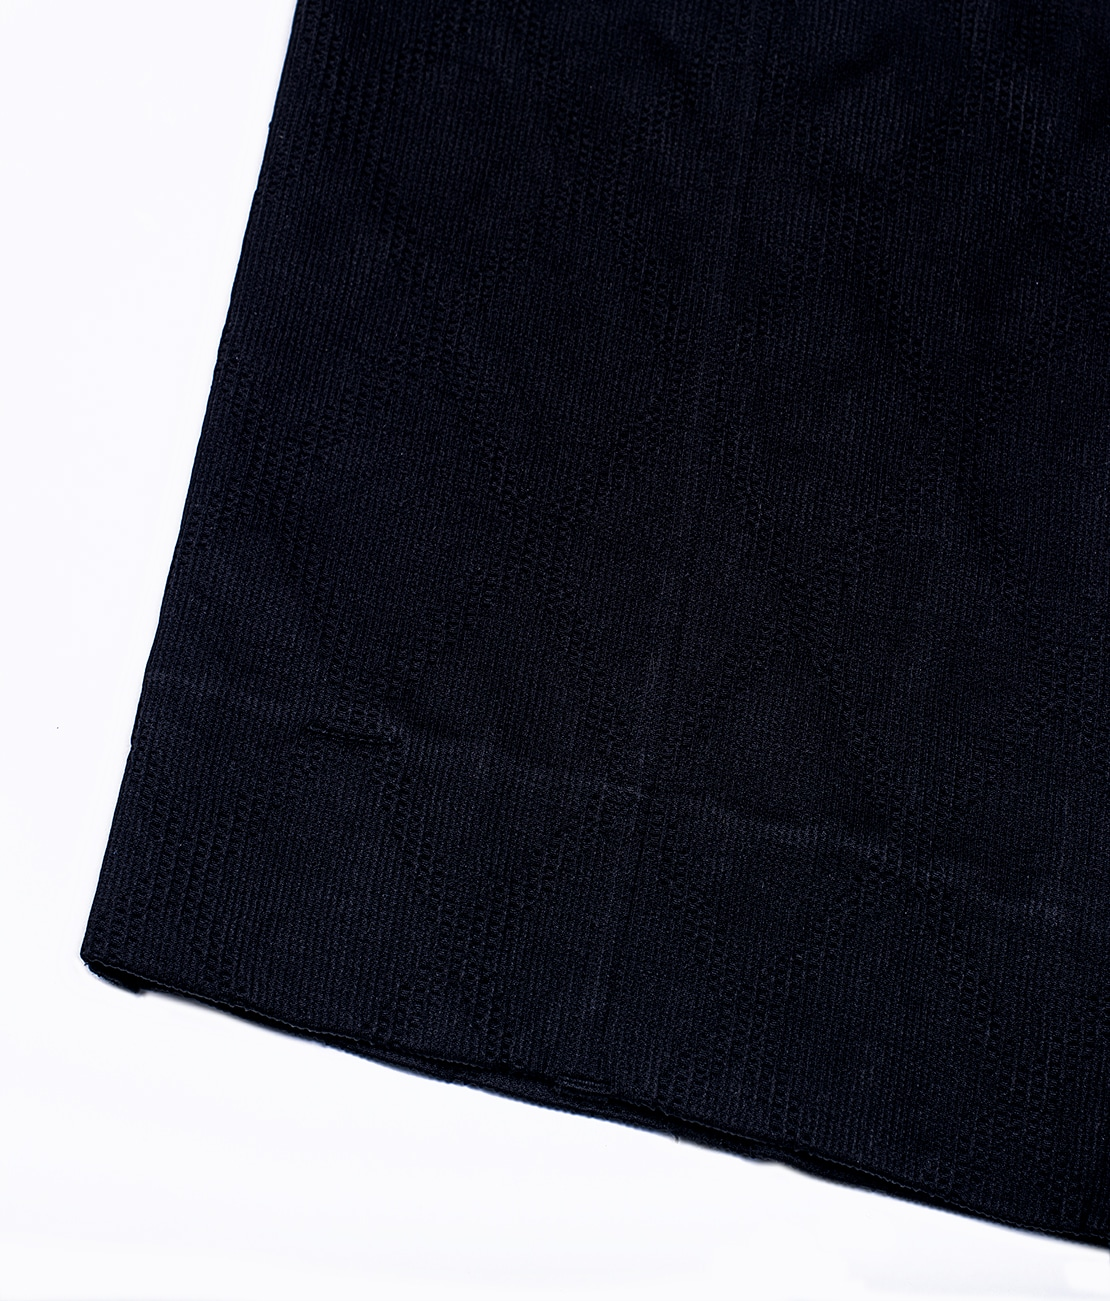 Body Shaper Noir Packshot Detail 2